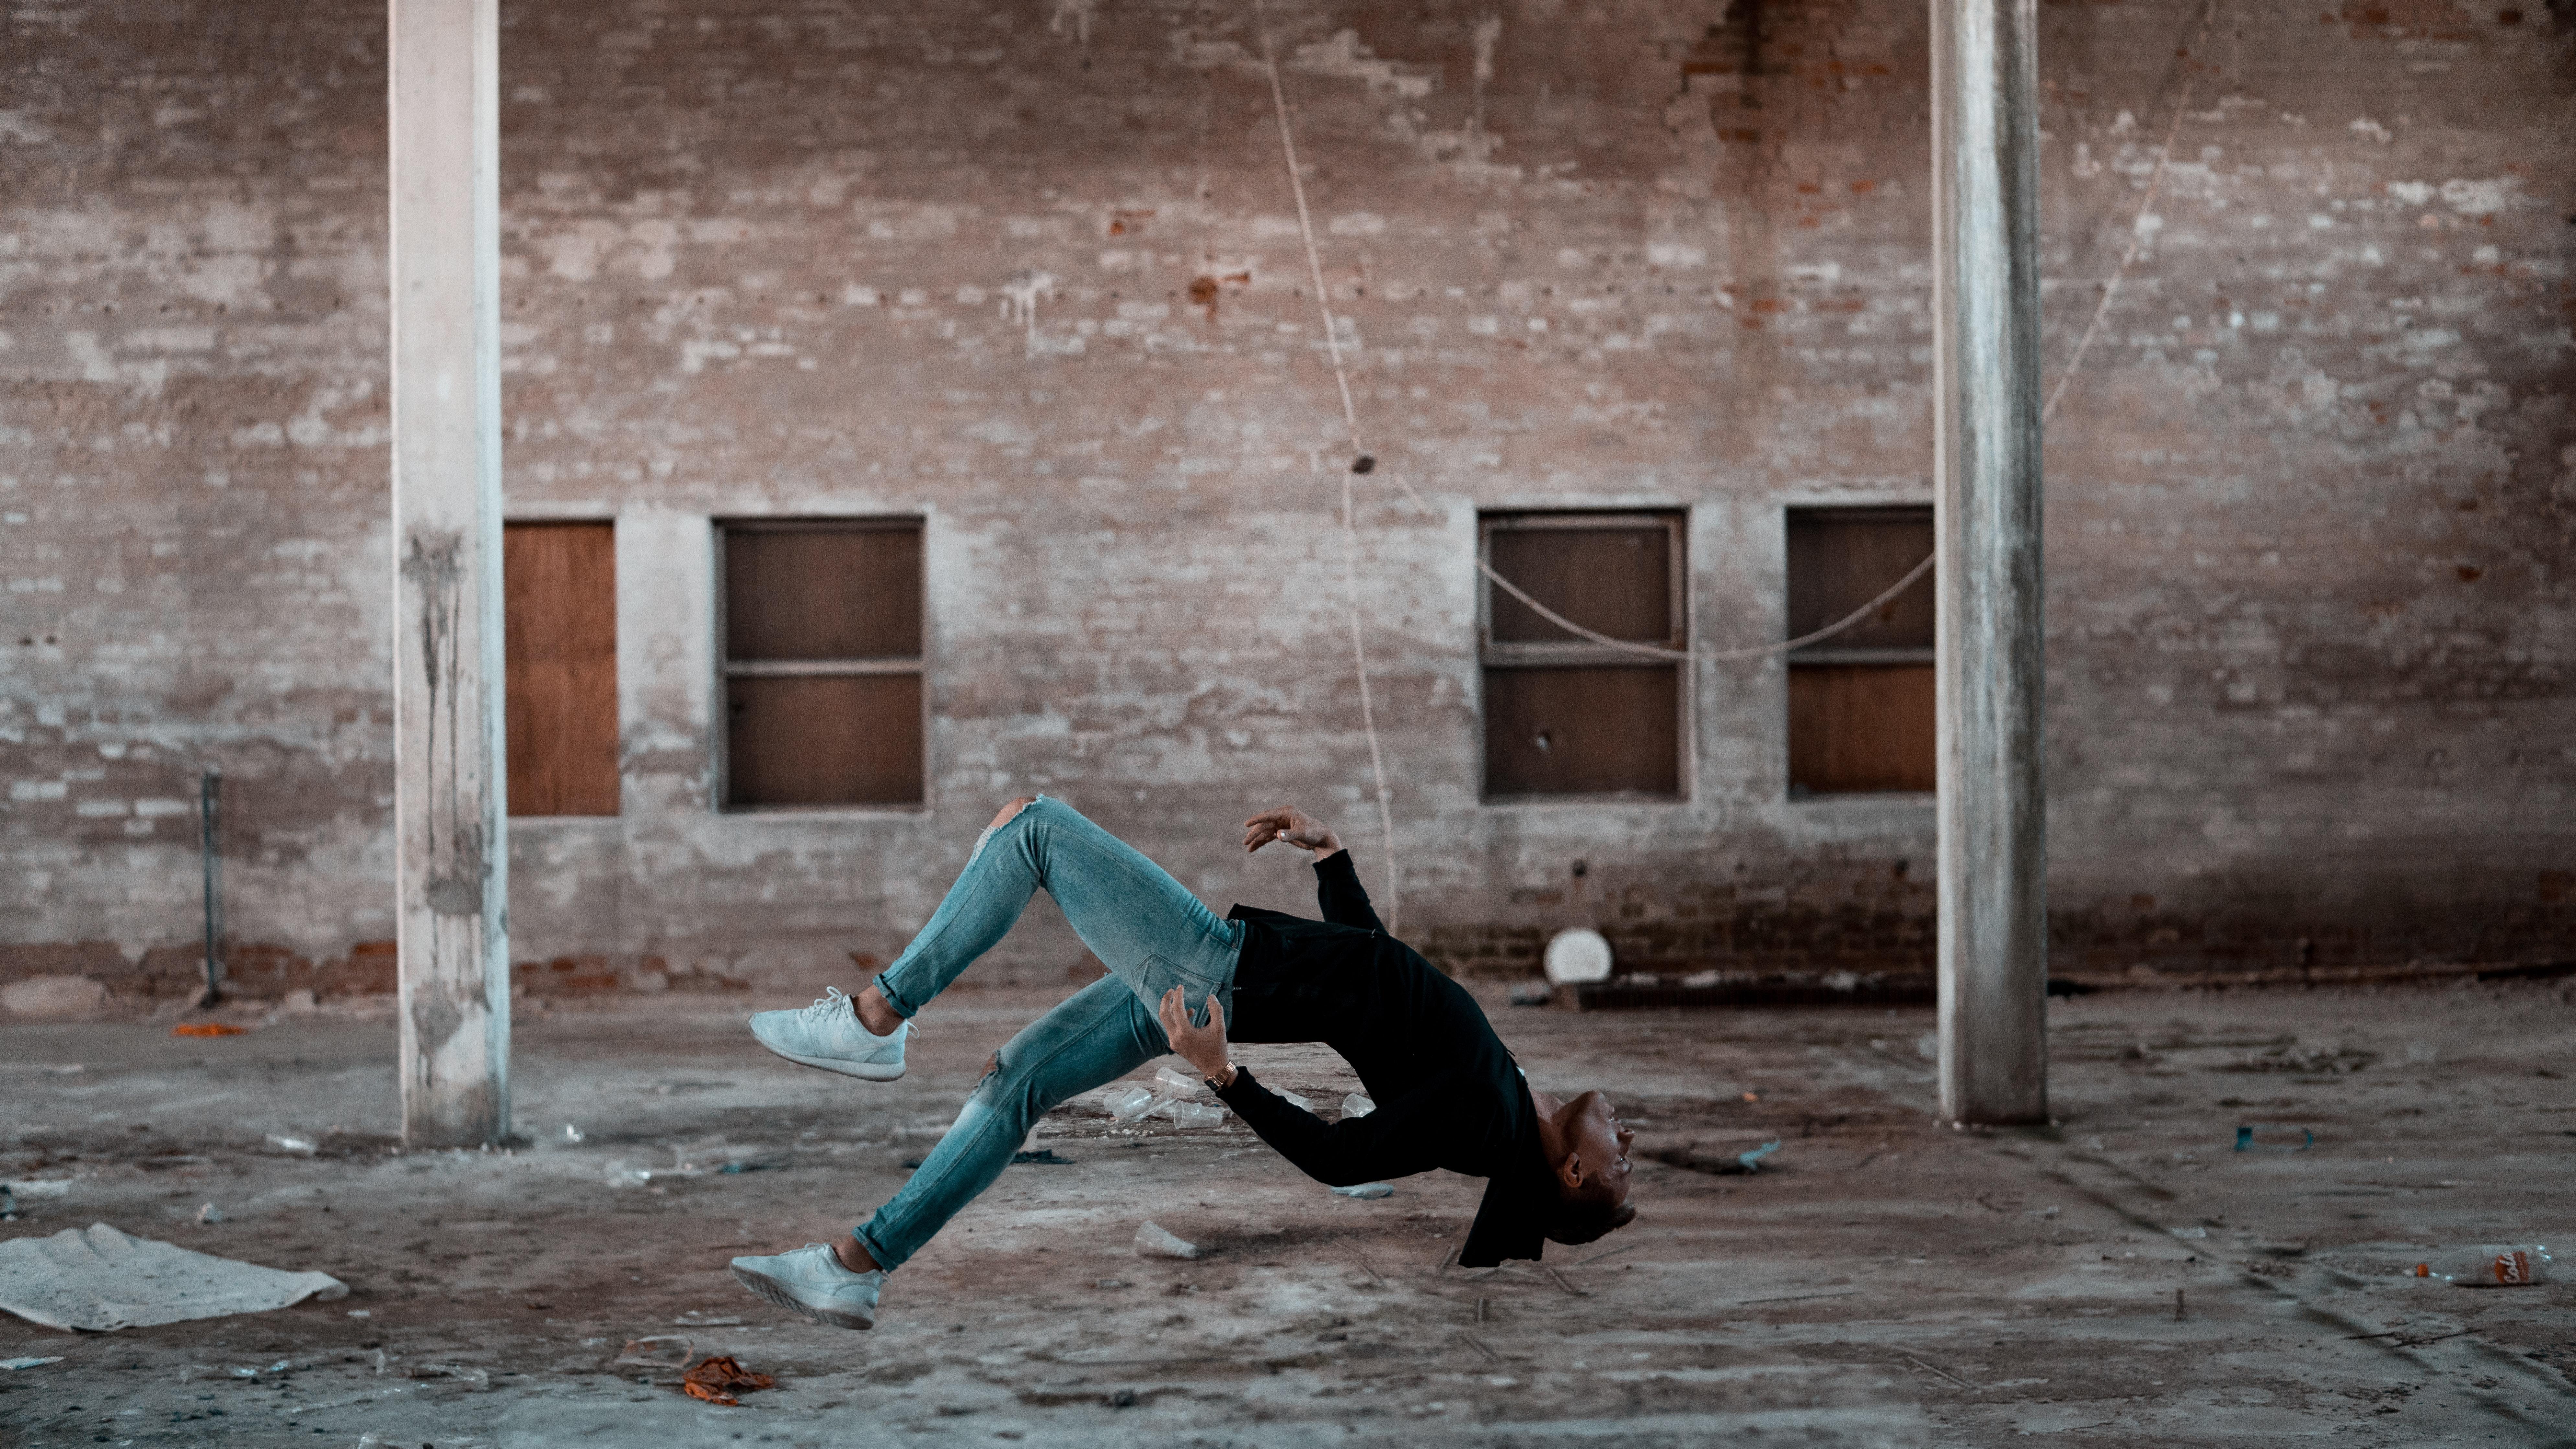 Mistake Falling - John Fornander